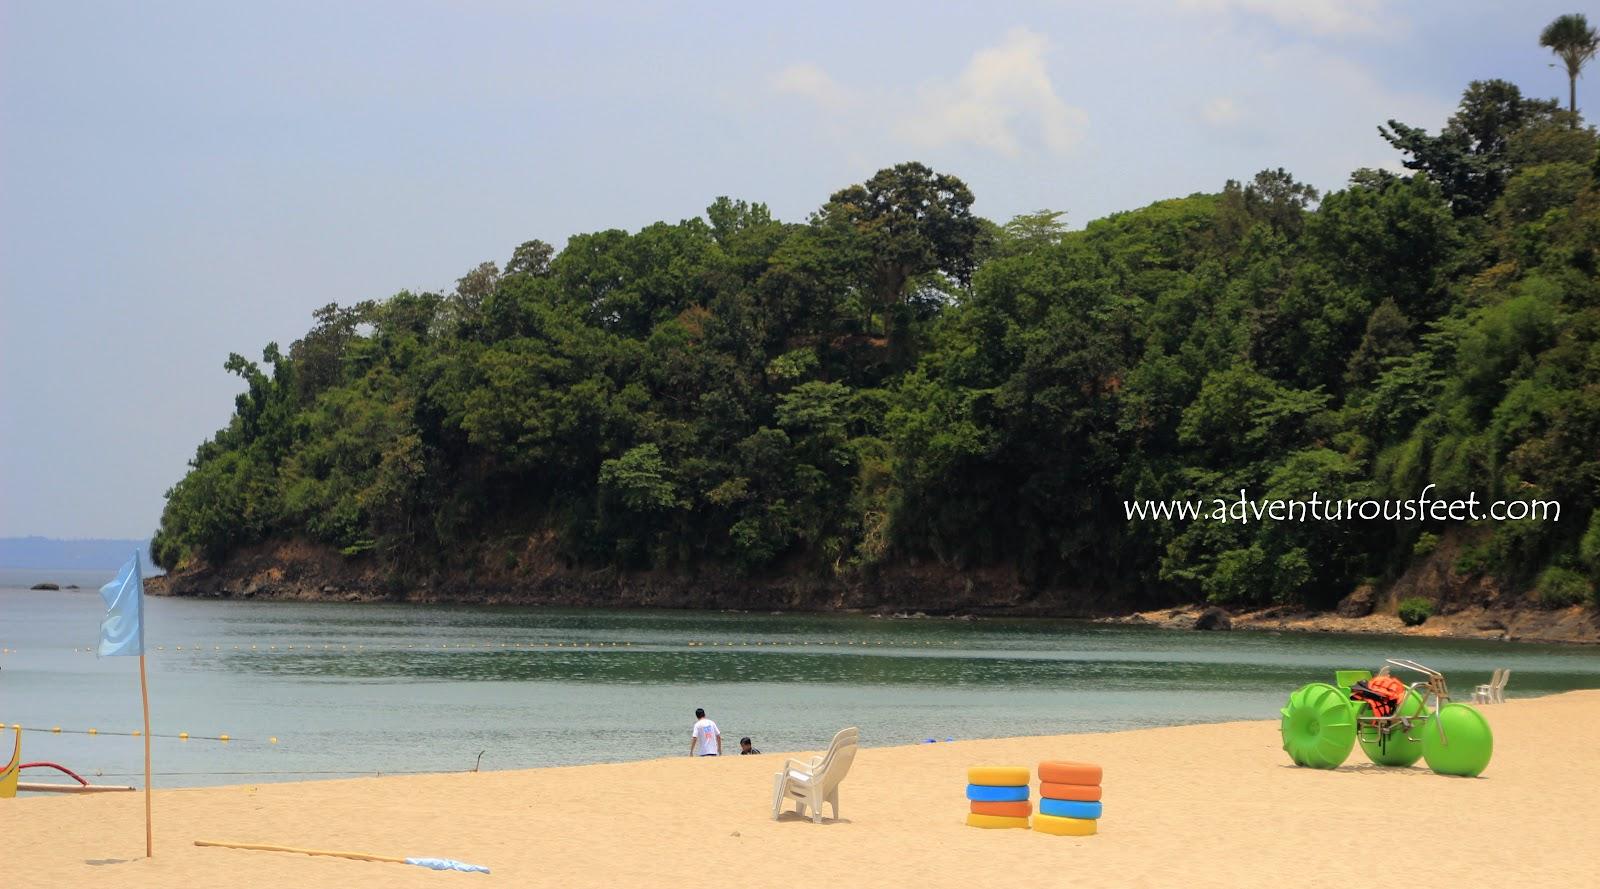 Adventurous Feet Montemar Beach Club A Summer Outing In Bagac Bataan